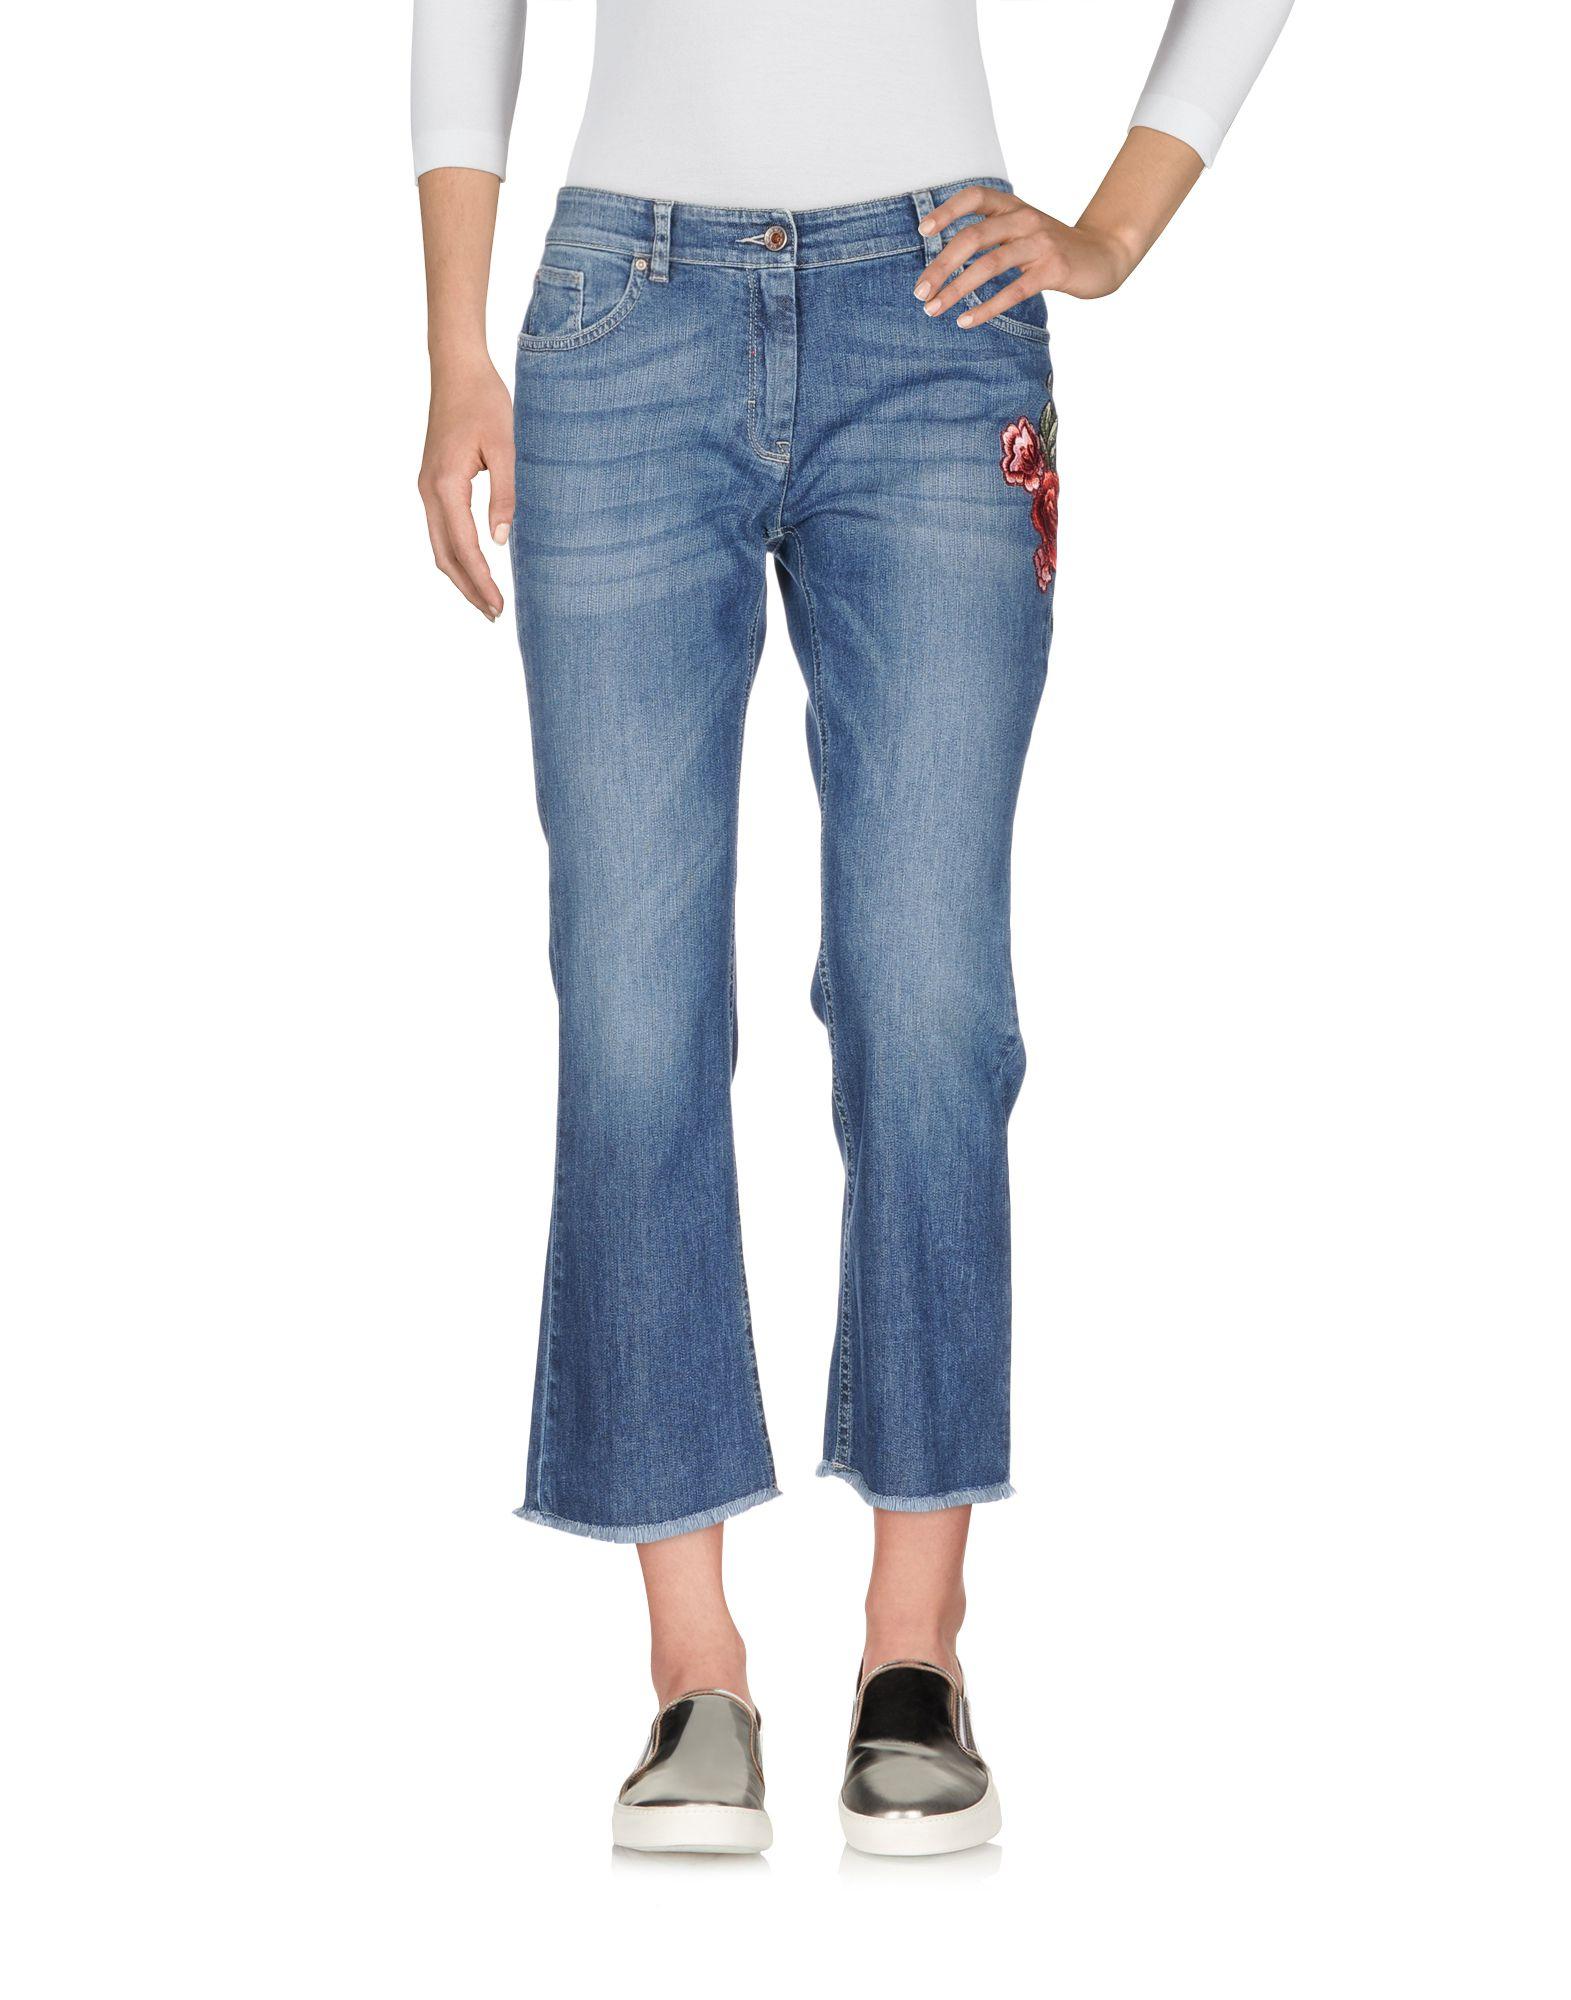 19.70 NINETEEN SEVENTY Джинсовые брюки-капри 19 70 nineteen seventy джинсовые брюки